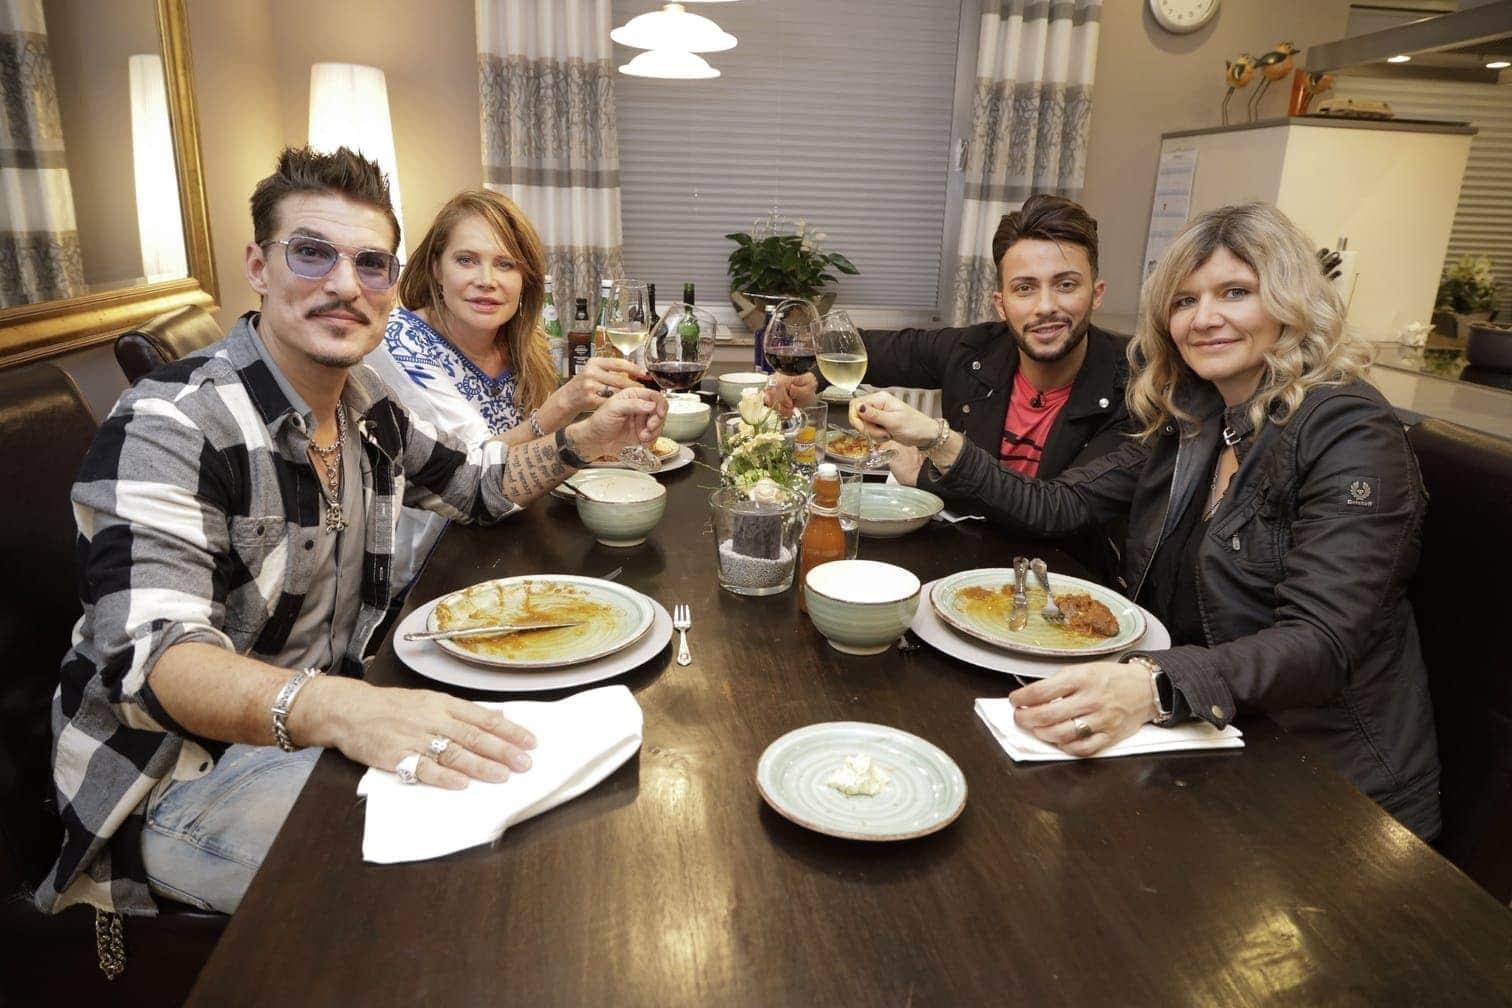 """<p>Nach der 13. Staffel von """"Ich bin ein Star - Holt mich hier raus!"""" stellen sich in zwei Folgen je vier Dschungelcamper einer neuen kulinarischen Herausforderung: Für """"Das perfekte Dschungel Dinner"""" tischen sie diesmal allerdings nicht nur Reis und Bohnen"""